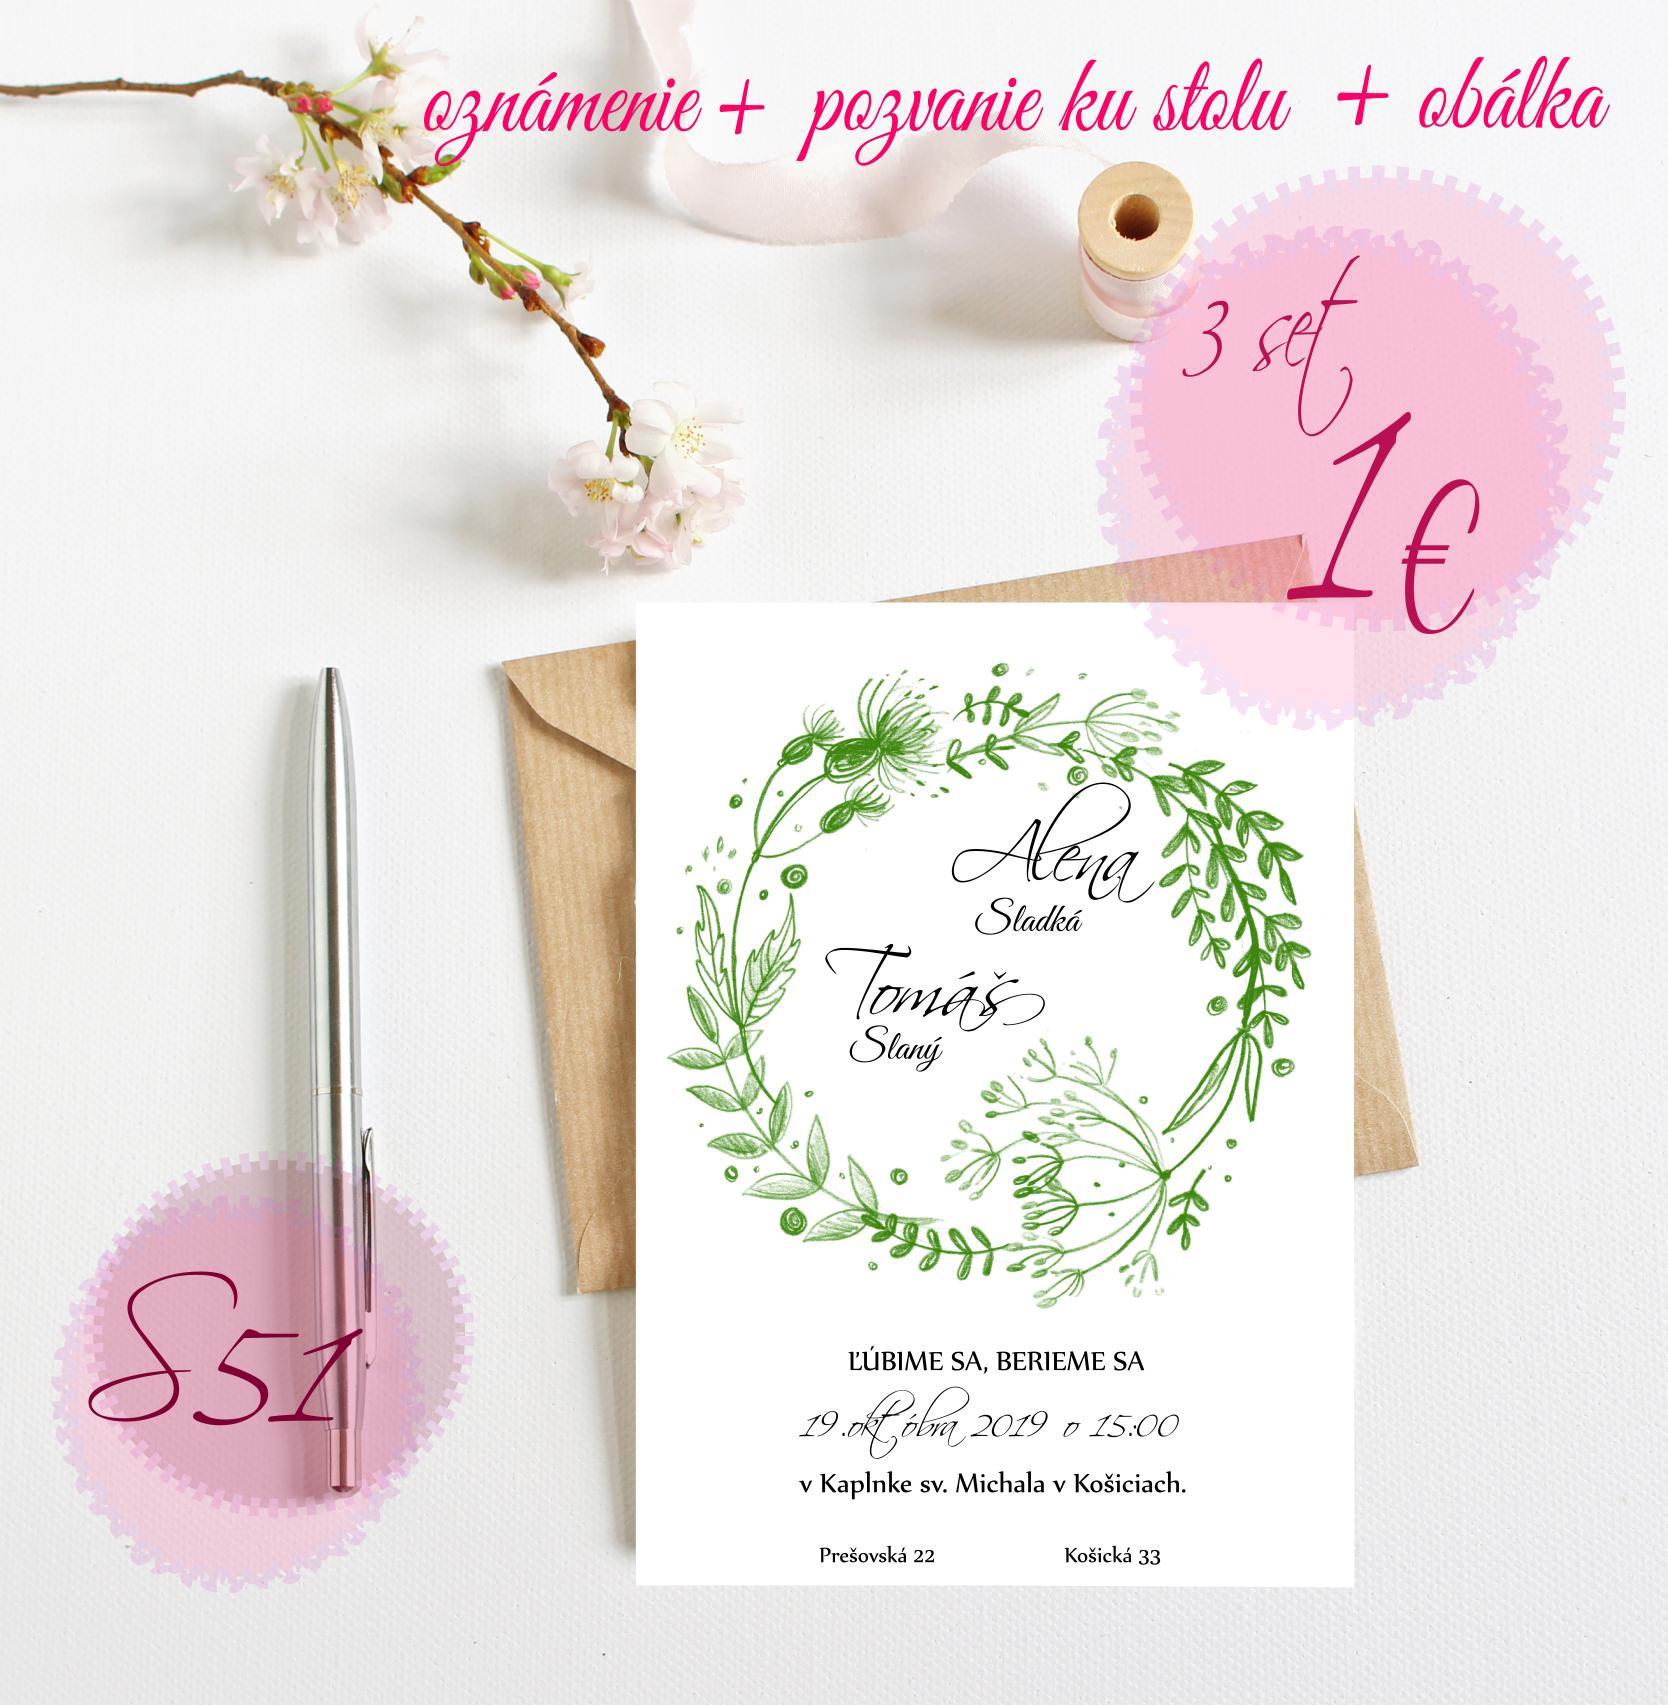 zelené svadobné oznámenia - Obrázok č. 6